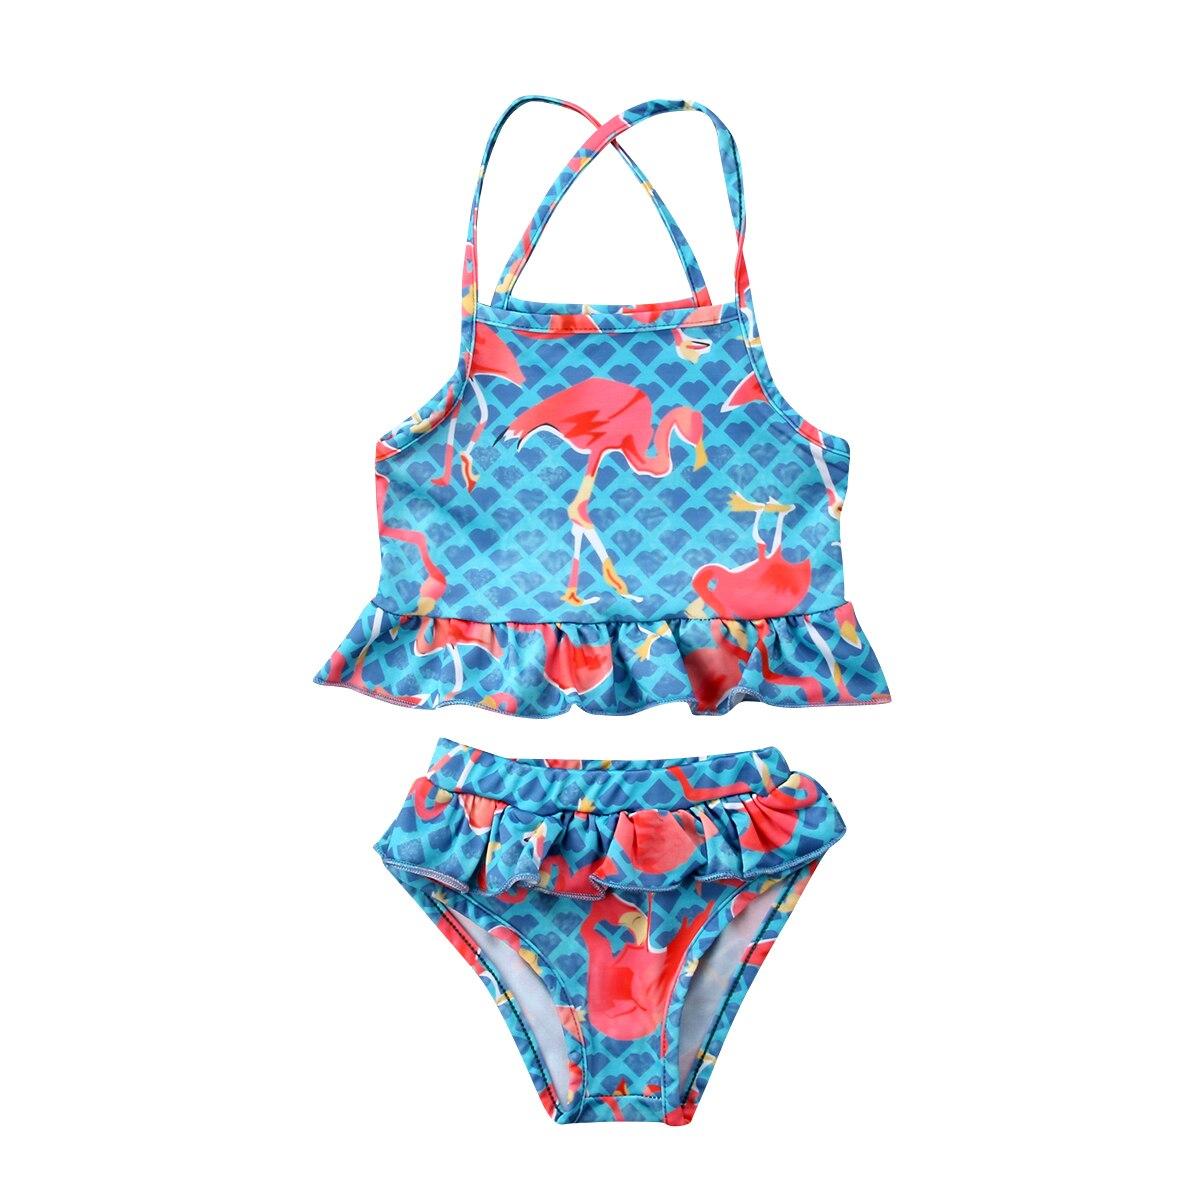 Toddled Infant Baby Girls Flamingo Swimwear Ruffles Set Sleeveless Tops Shorts 2Pcs Outfits Swimsuit 2018 Hot Summer